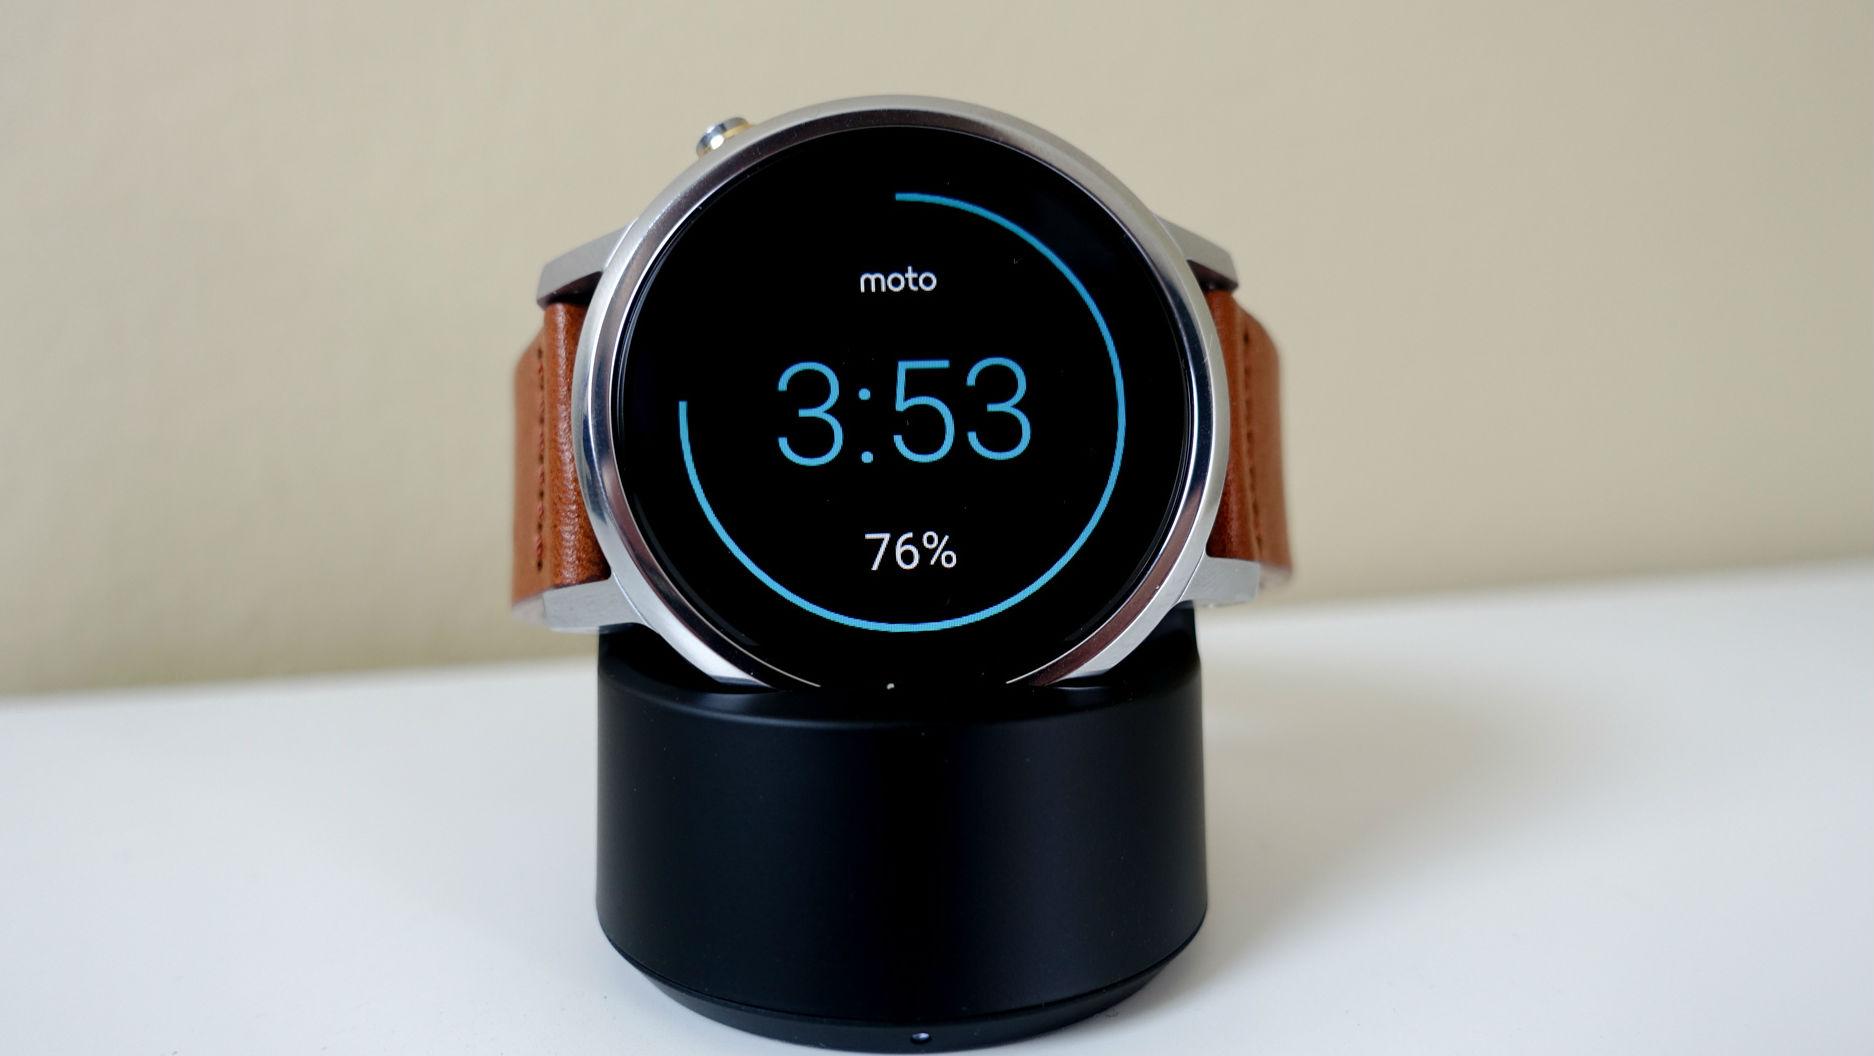 إزالة الجيل الثاني من ساعة Moto 360 من واجهة متجر قوقل